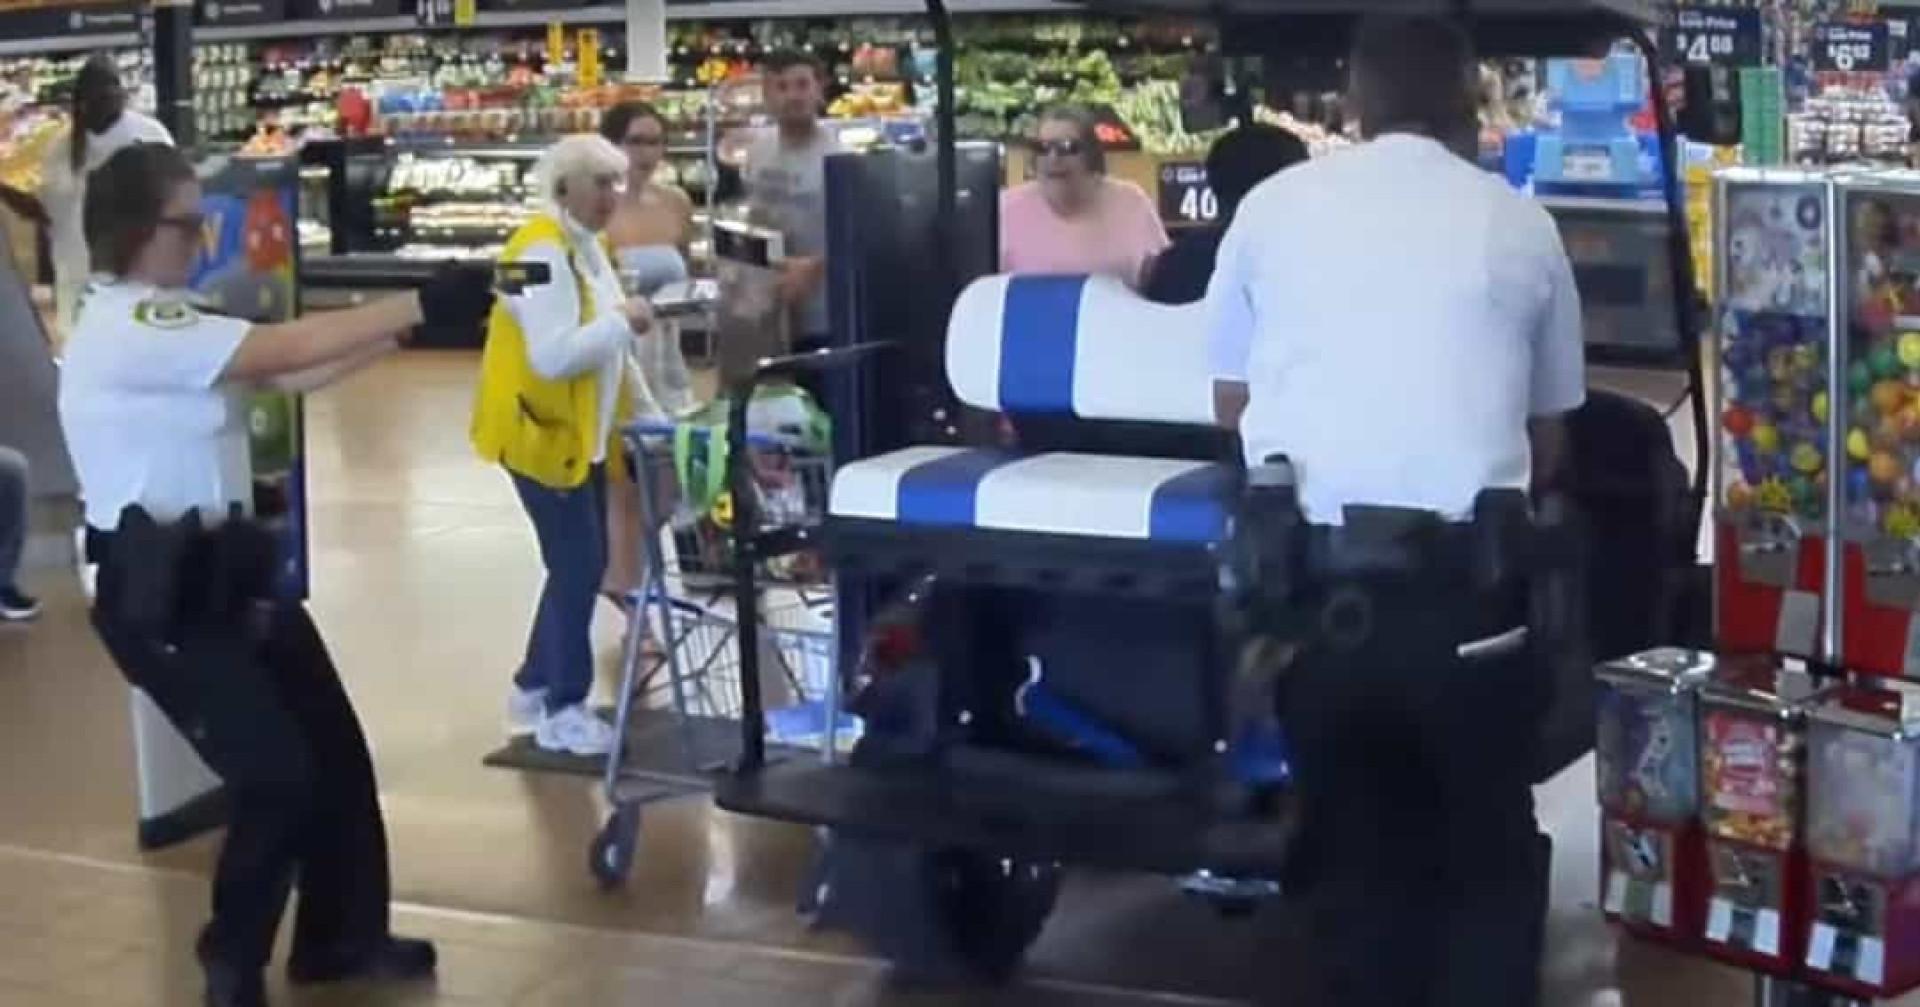 Entrou com carrinho de golfe em supermercado e atropelou clientes